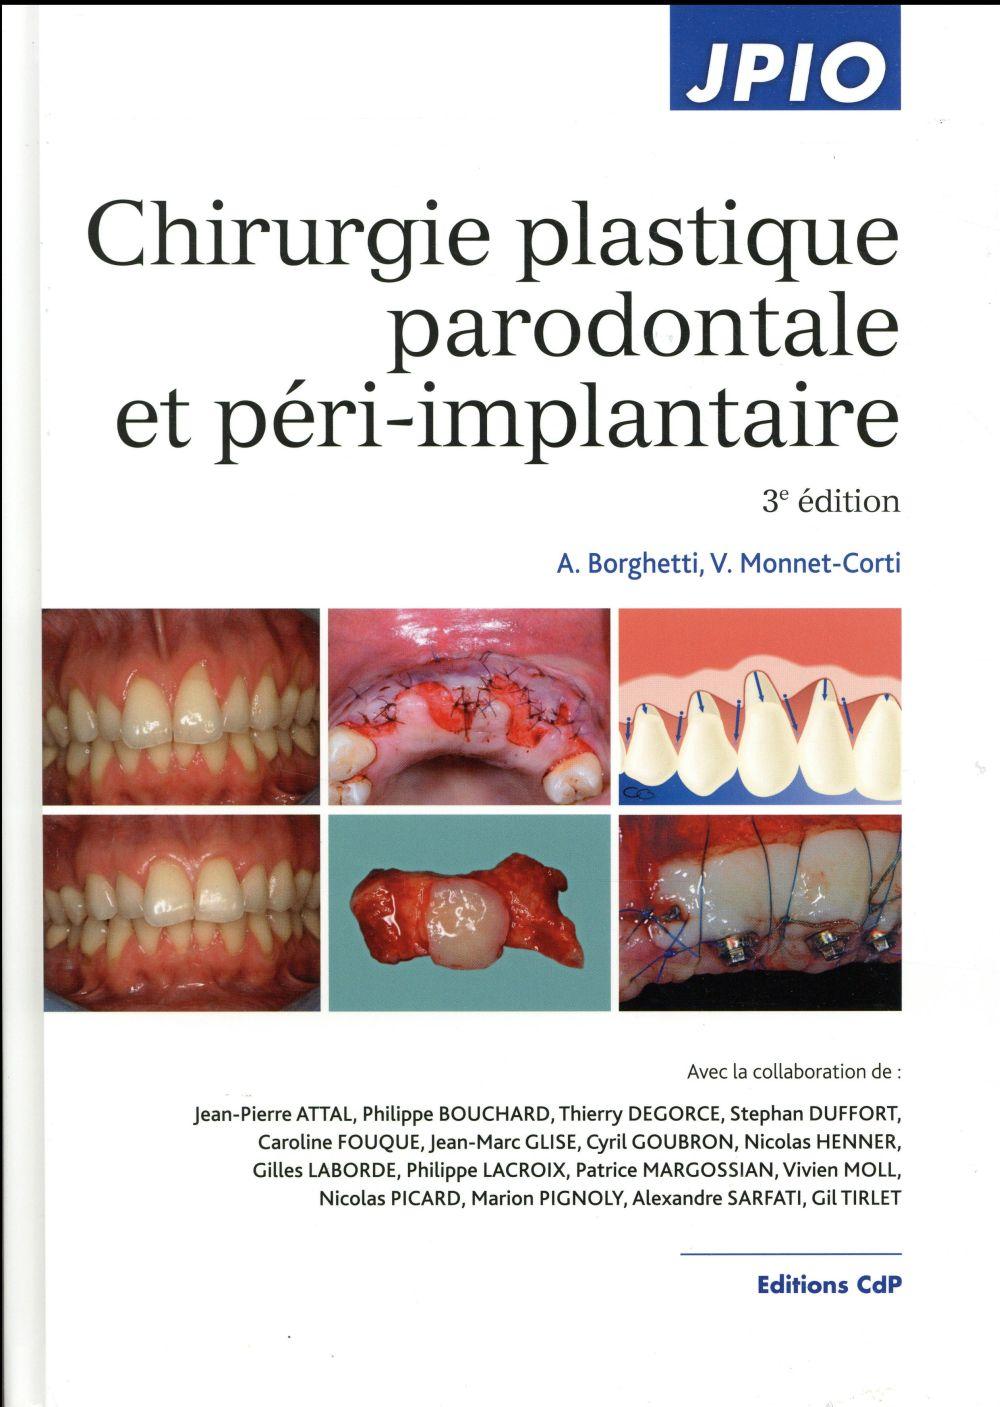 Chirurgie plastique parodontale et péri-implantaire (3e édition)